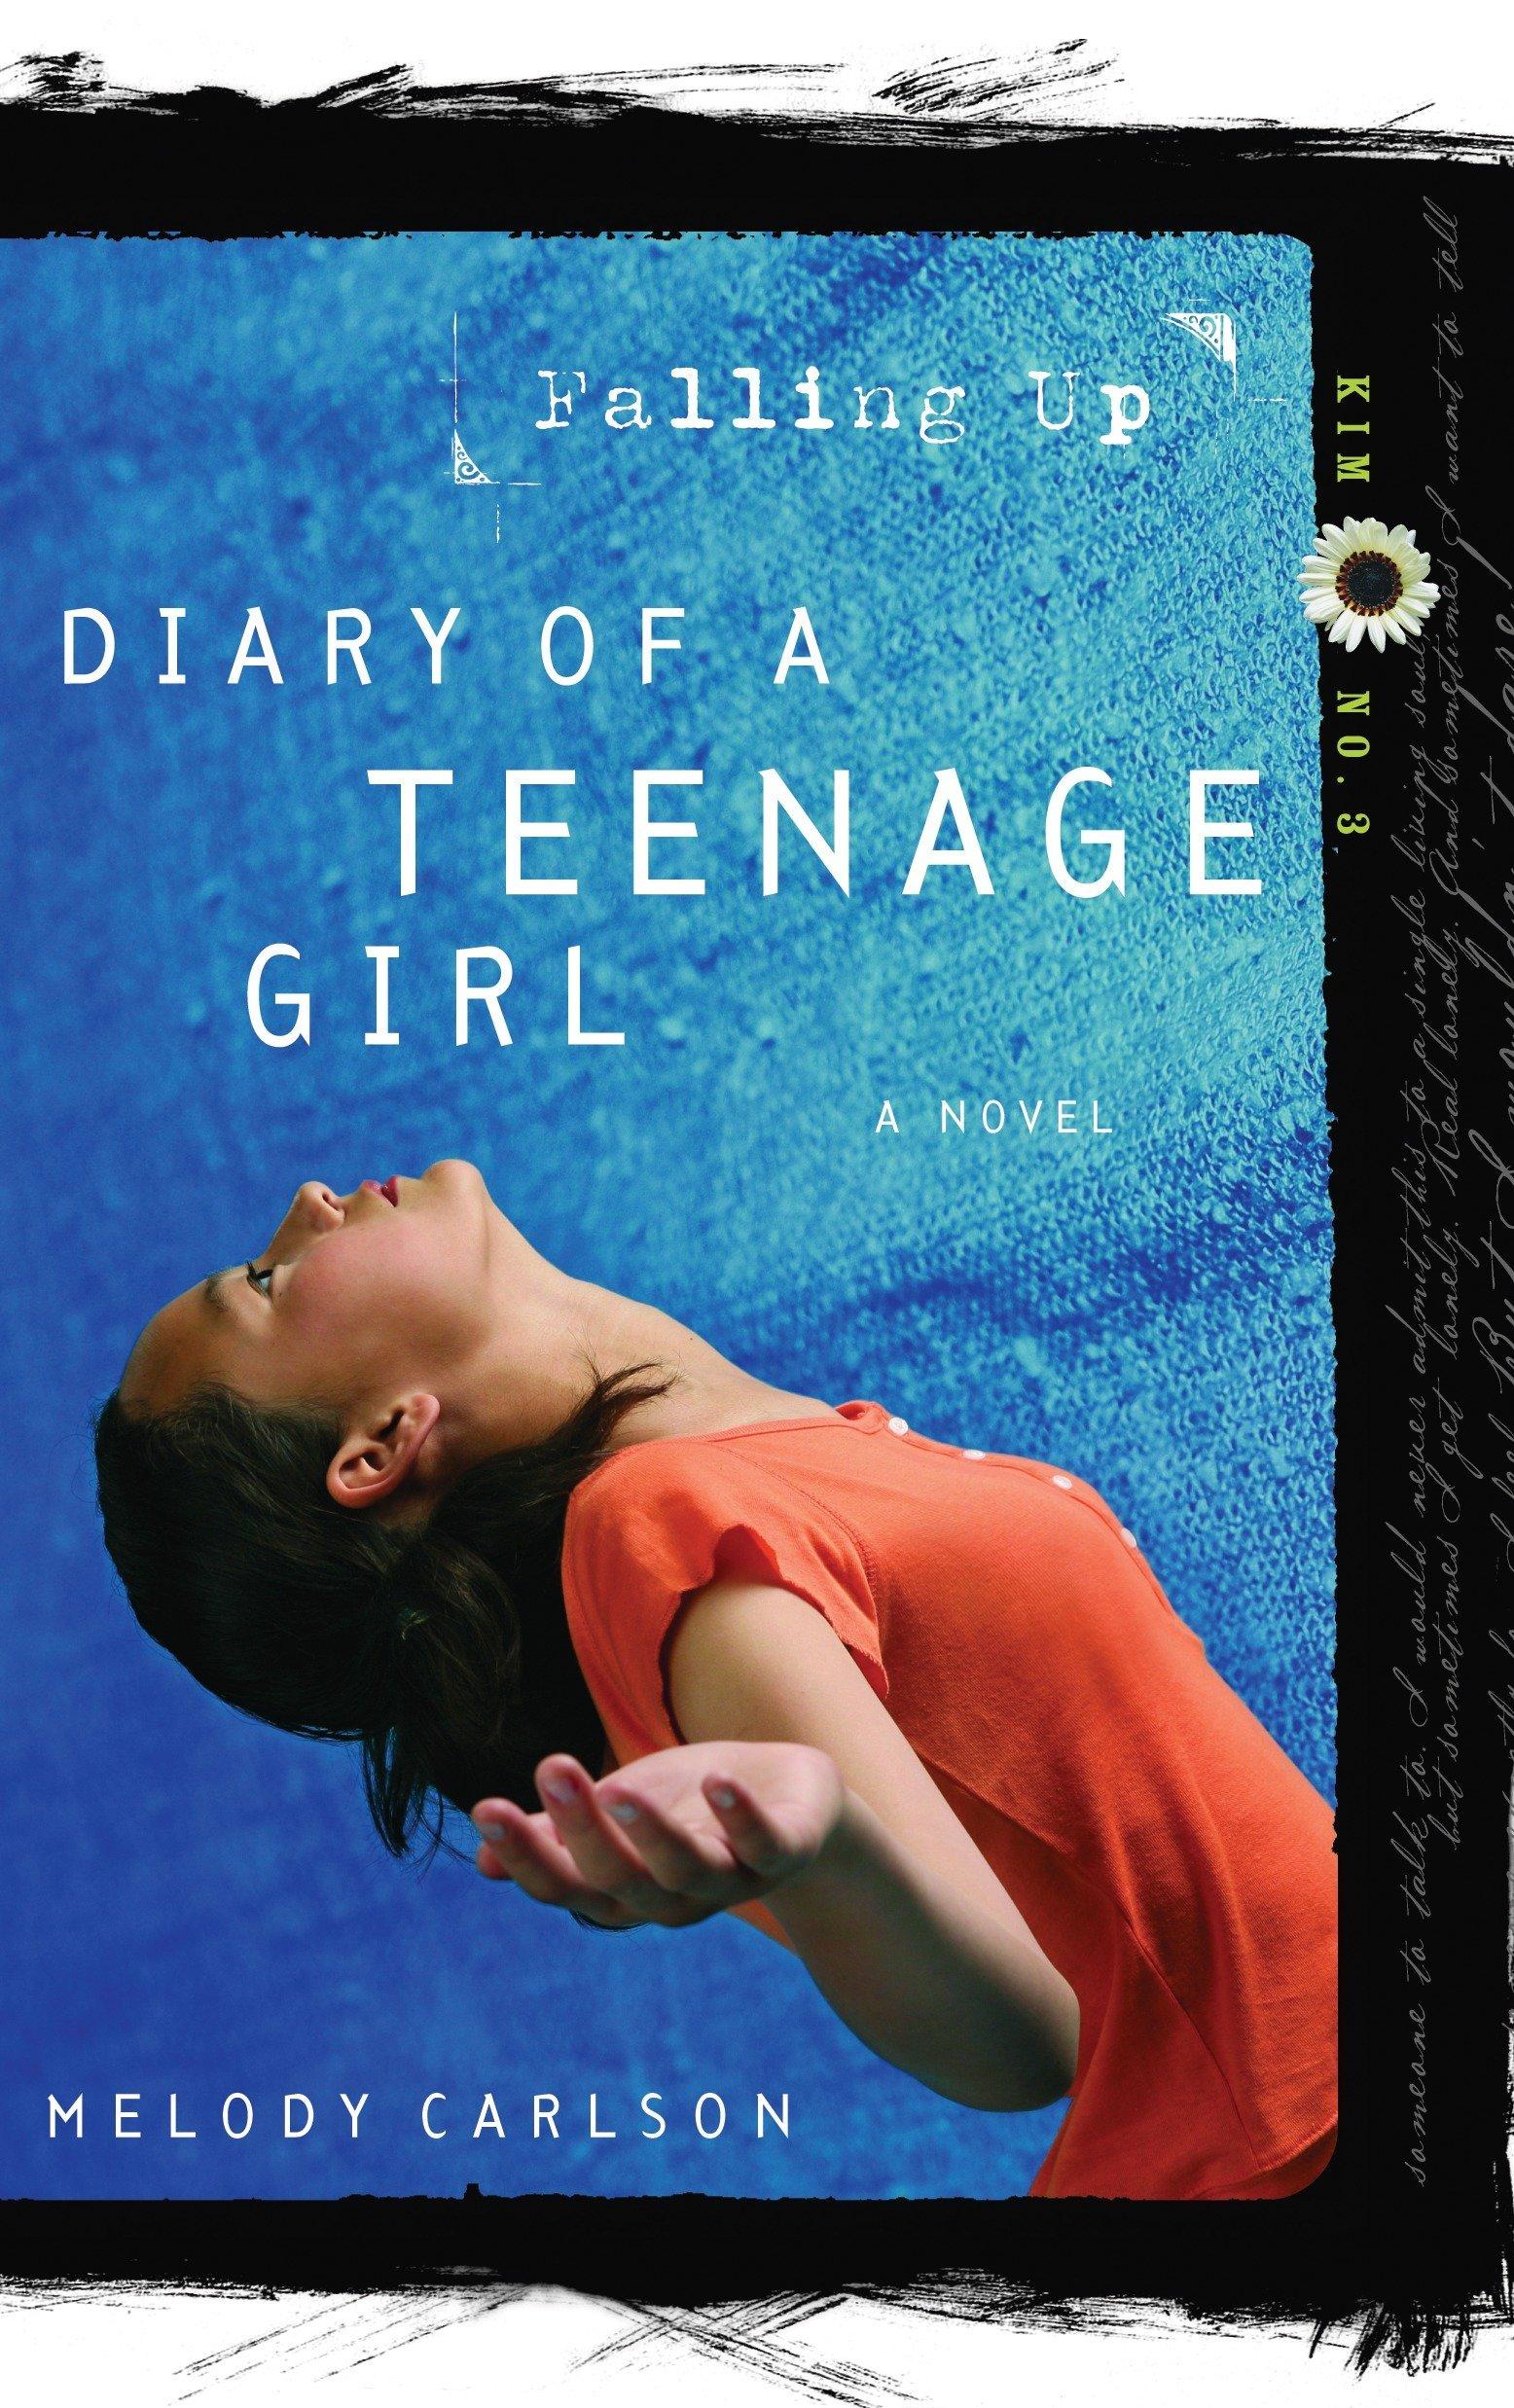 Falling Up Diary Teenage Girl